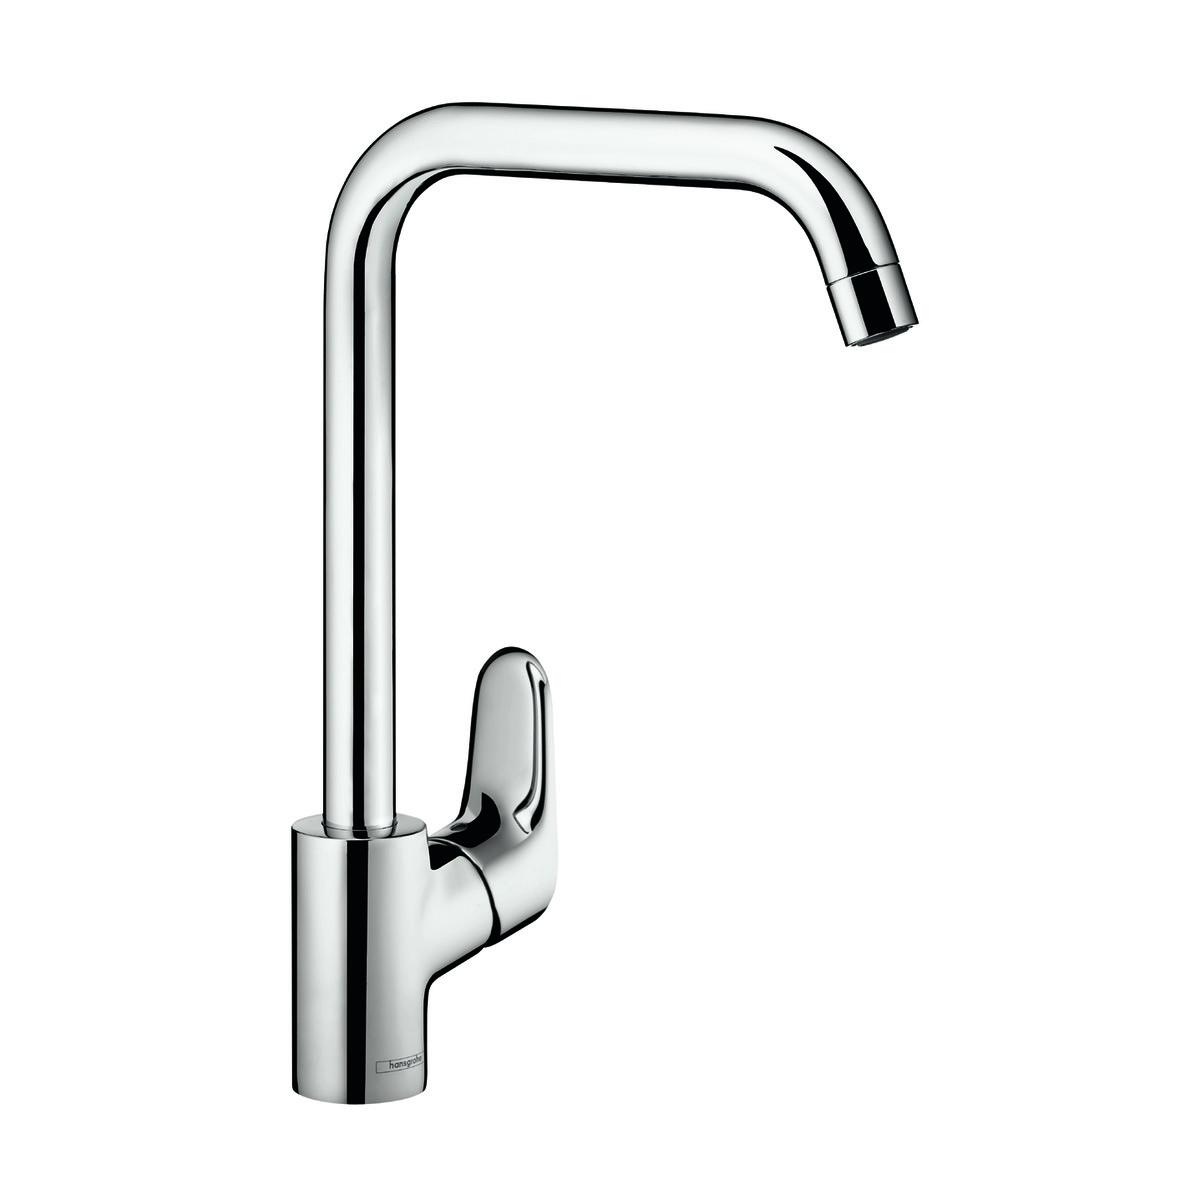 Hansgrohe rubinetto miscelatore focus e lavello cucina prezzo e offerte sottocosto - Hansgrohe rubinetti cucina ...